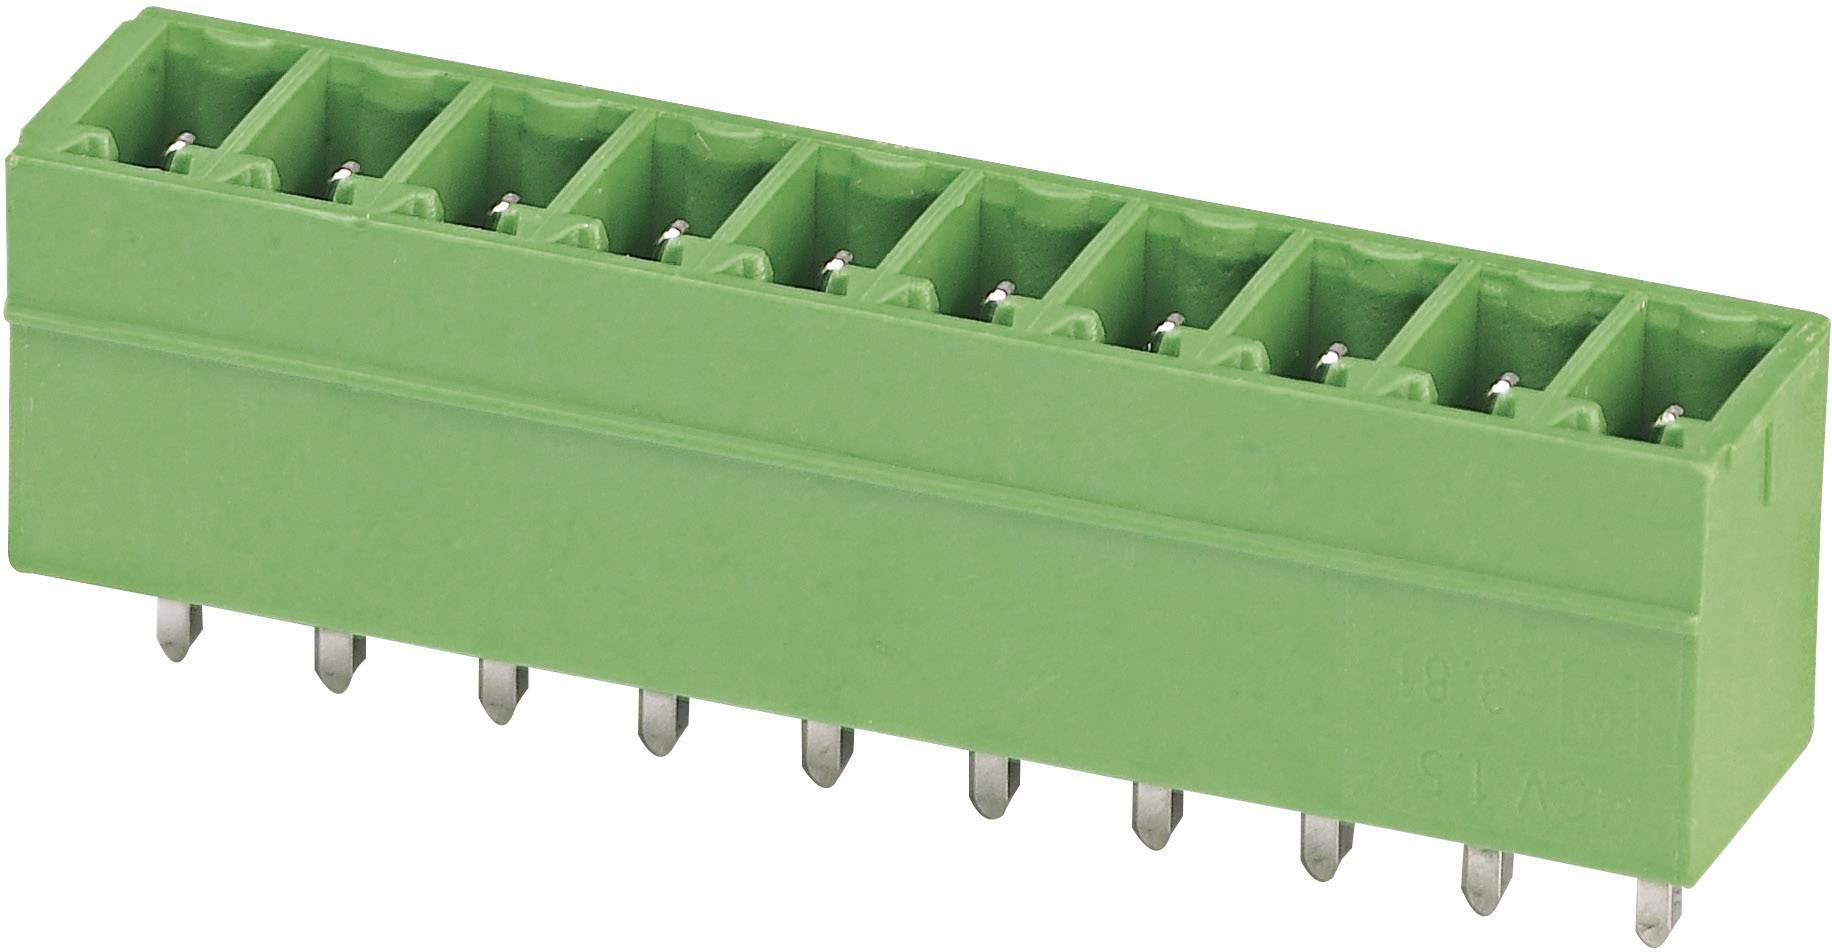 Svorkovnice 1řadá do DPS Phoenix Contact MCV 1,5/ 8-G-3,5 (1843664), 8pól., zelená